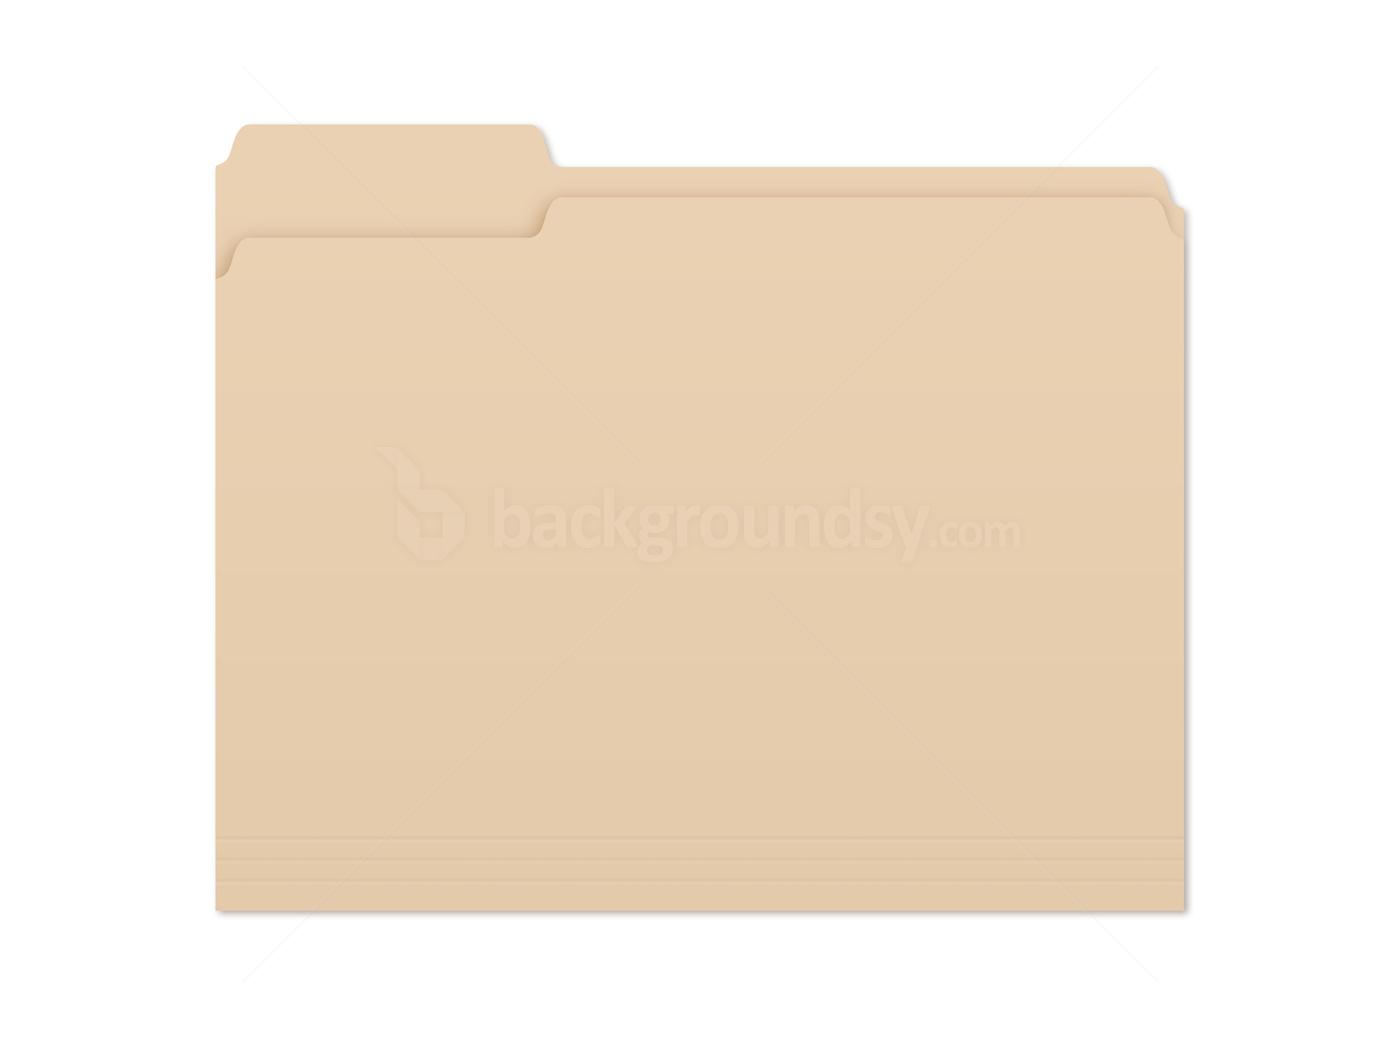 Manila Folder Clip Art